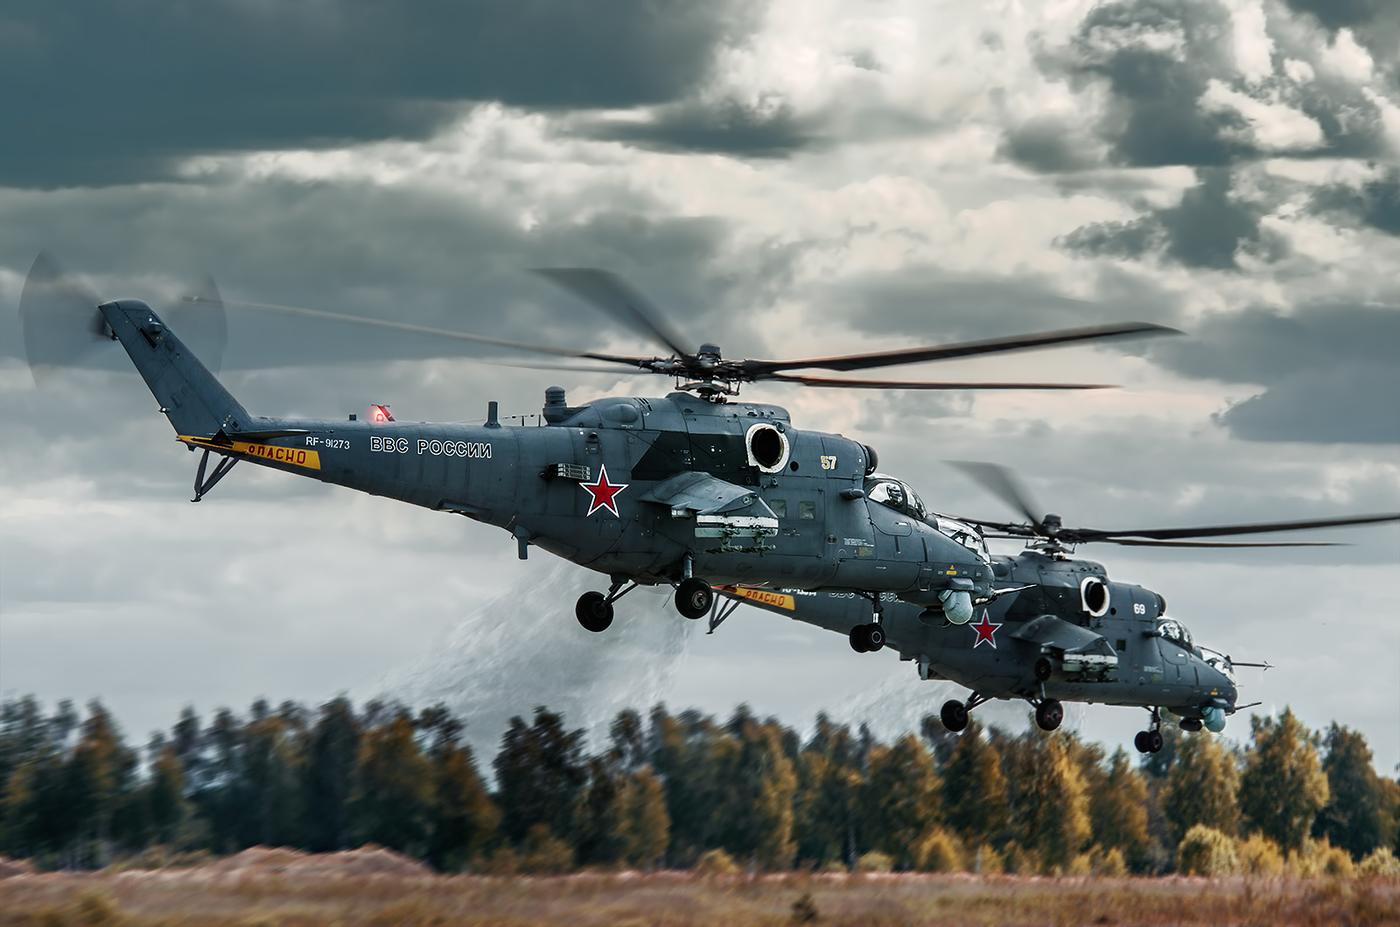 Вертолеты обеспечивают прикрытие и разведку